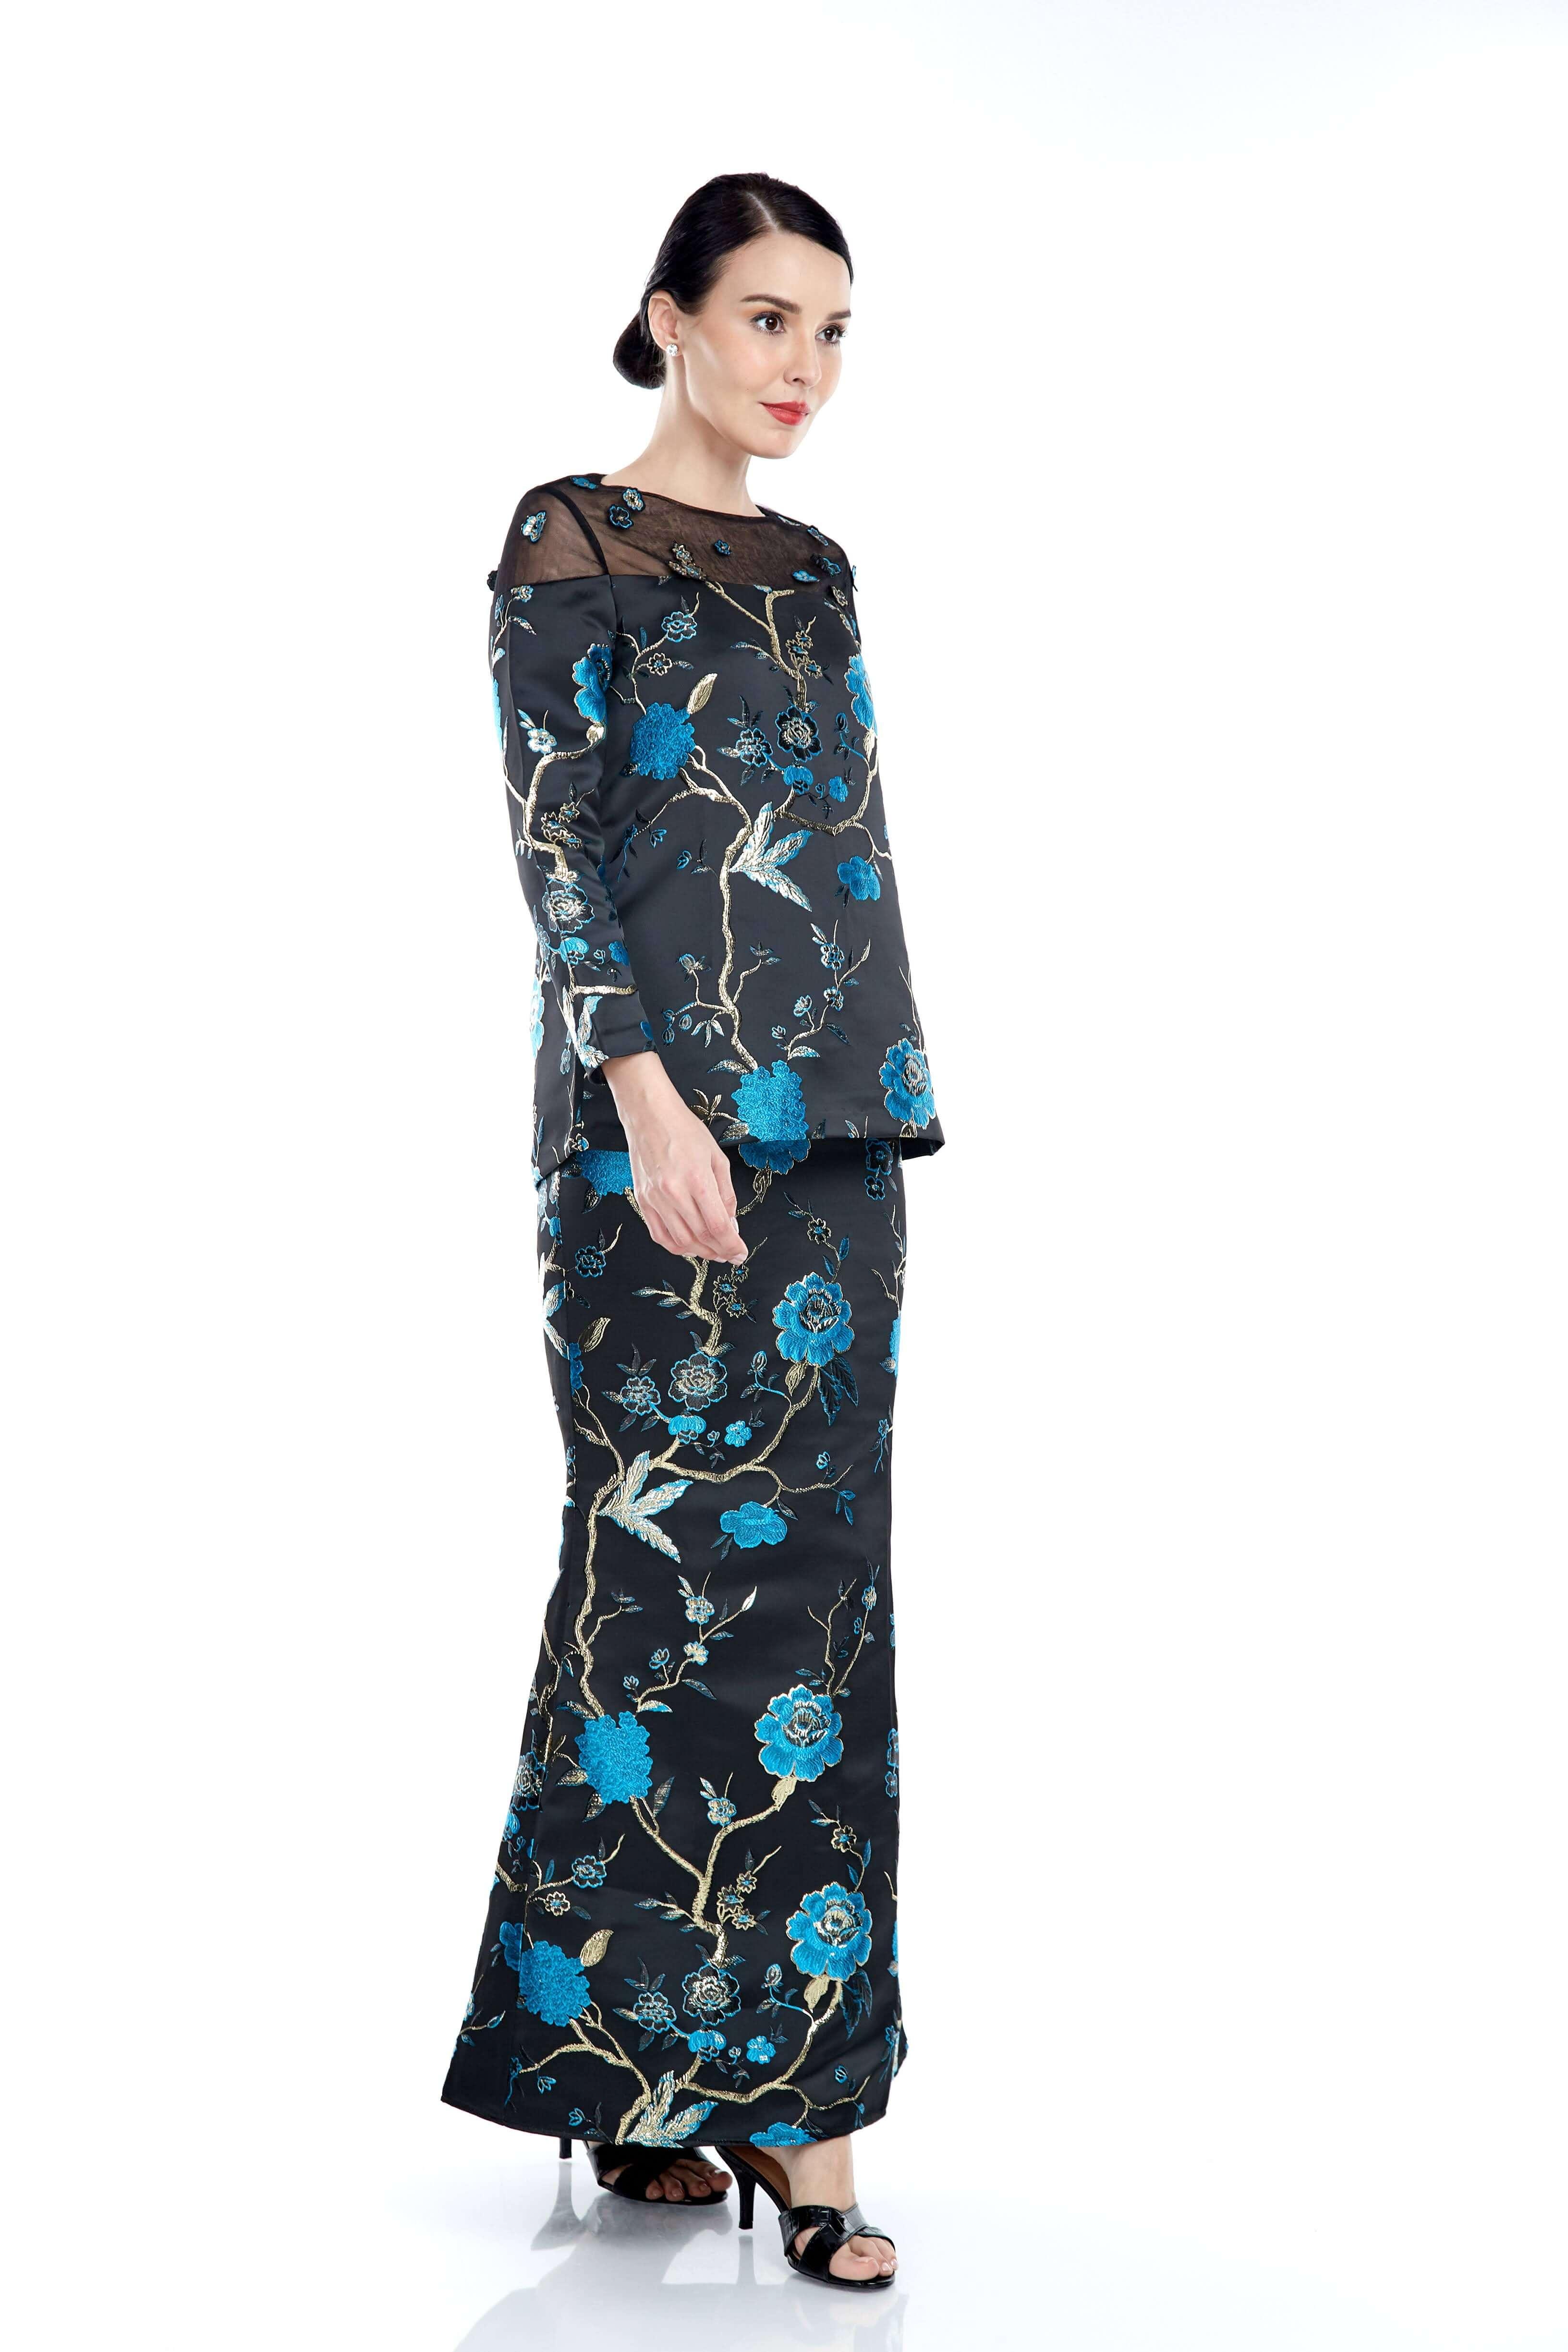 Black-Blue Floral Round Neck With See Through Neckline (7)